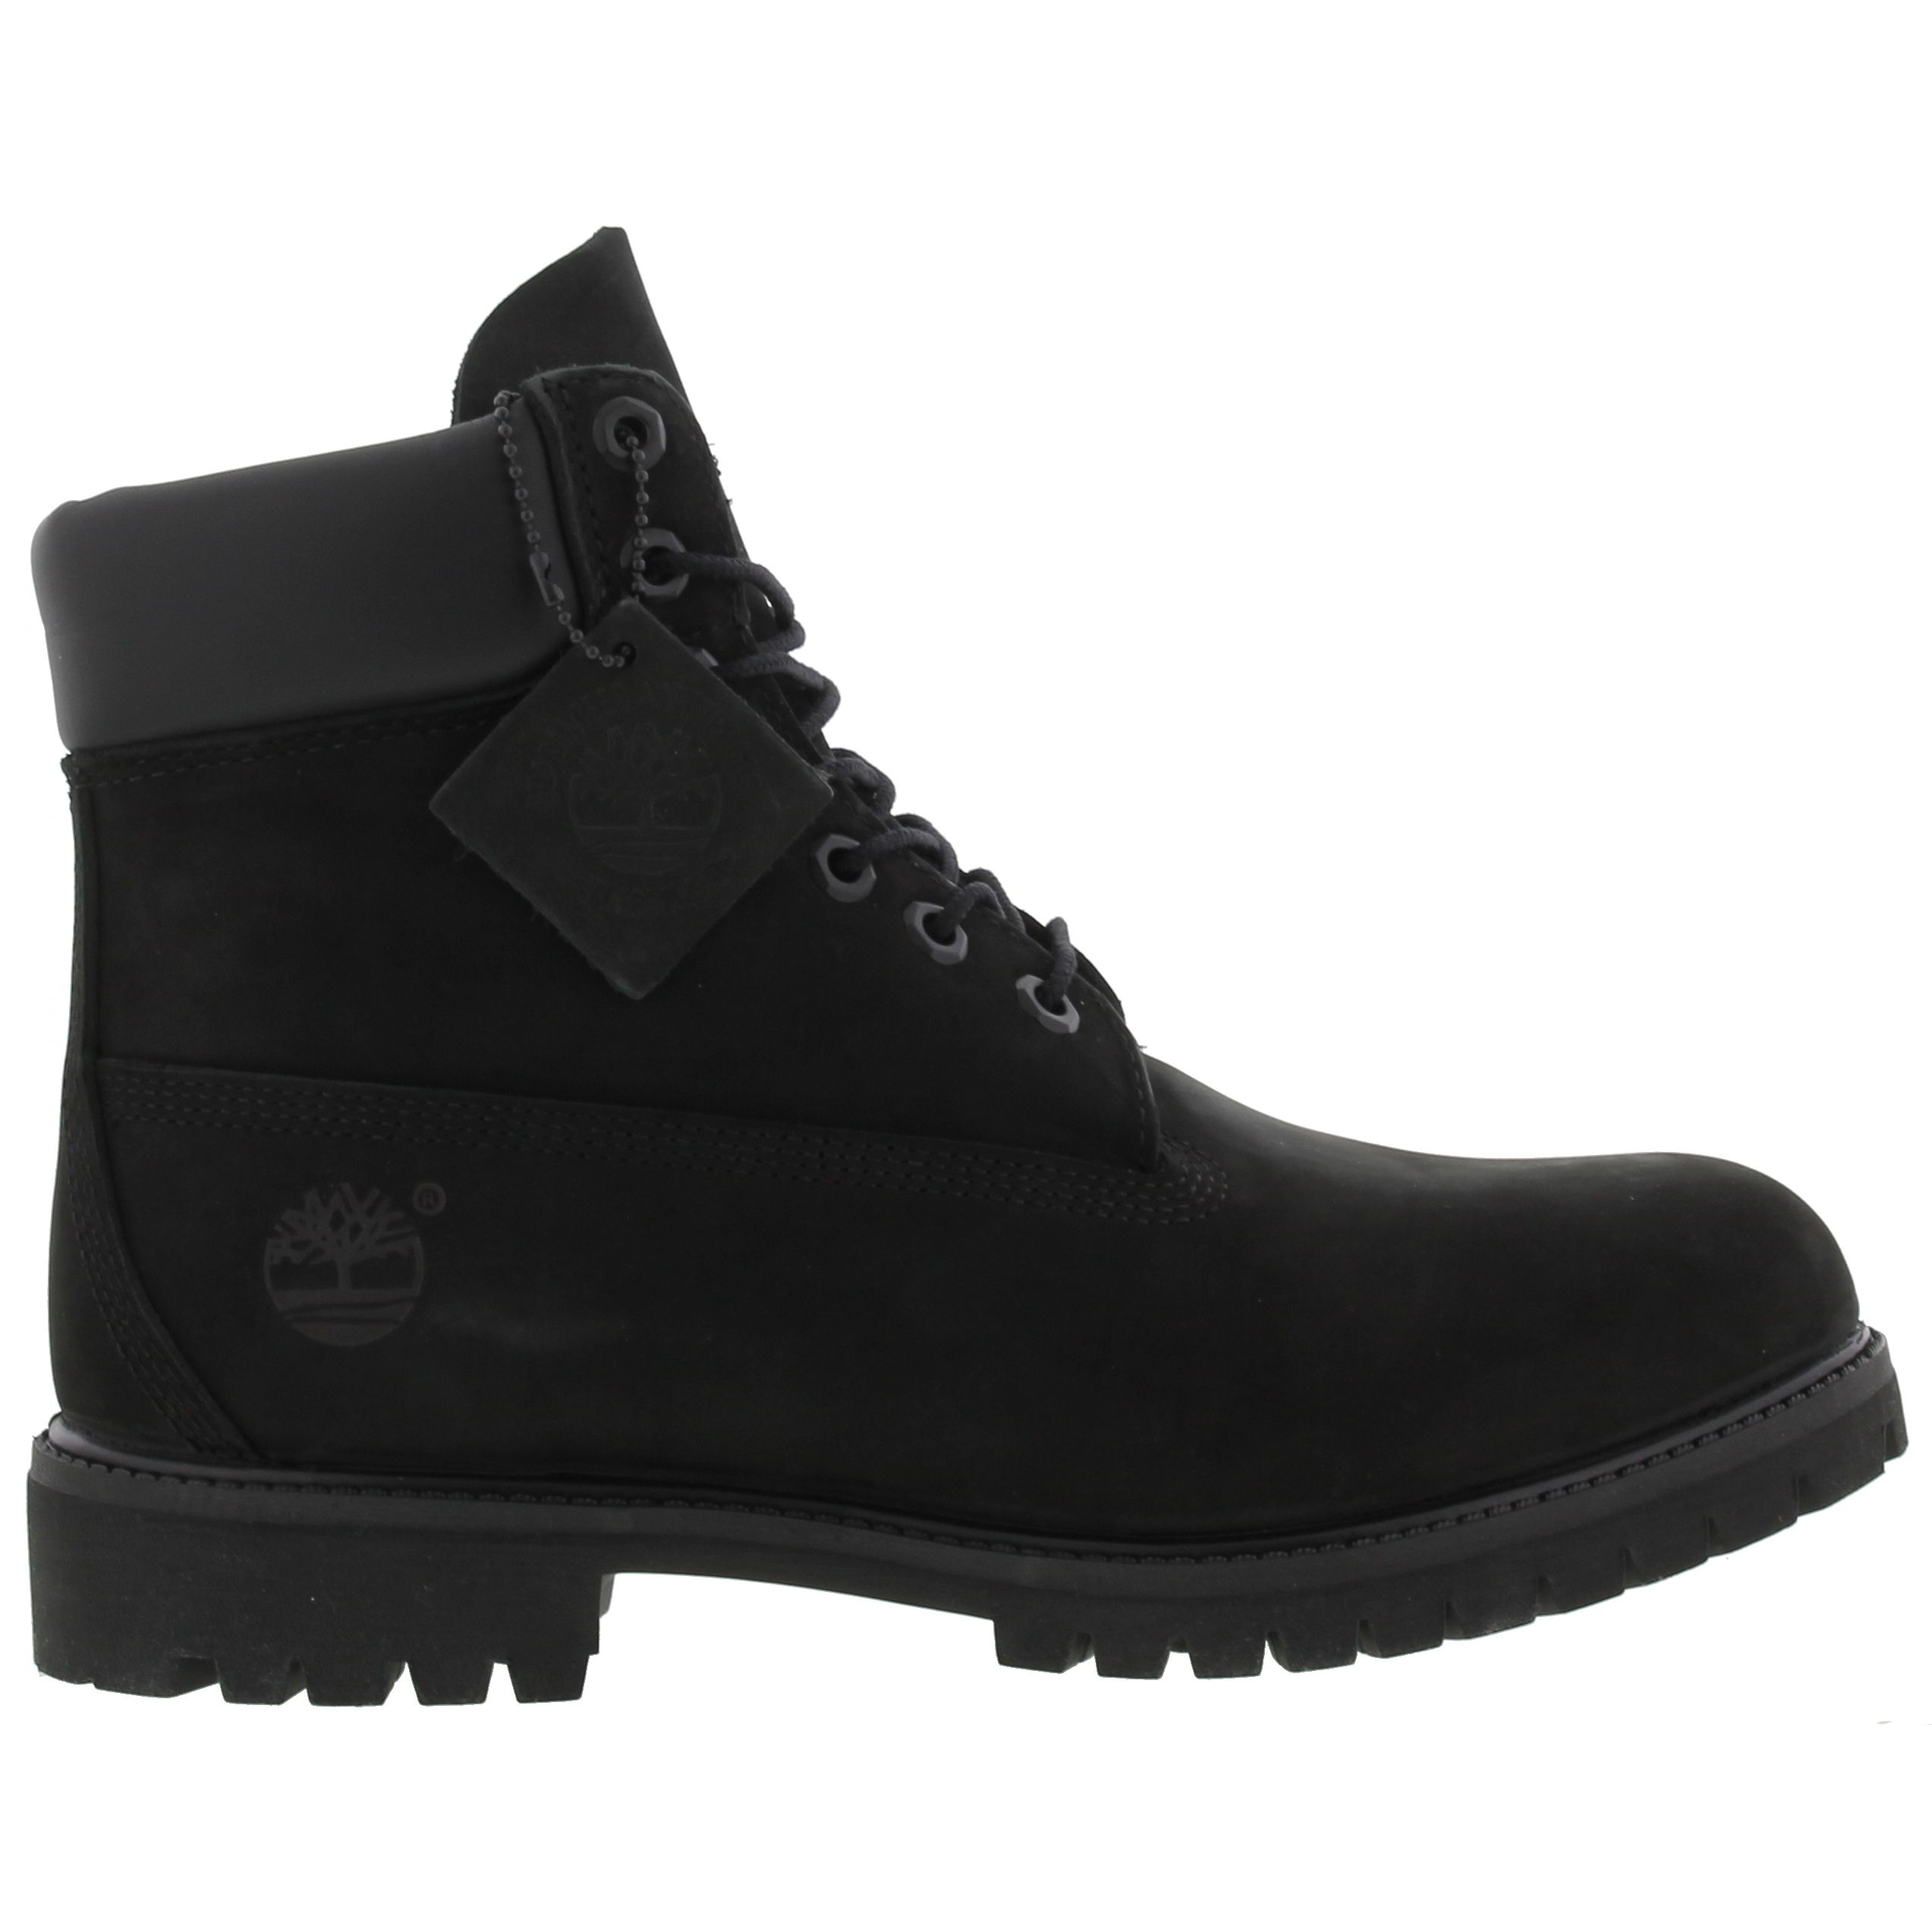 timberland 6 waterproof premium boots - men's